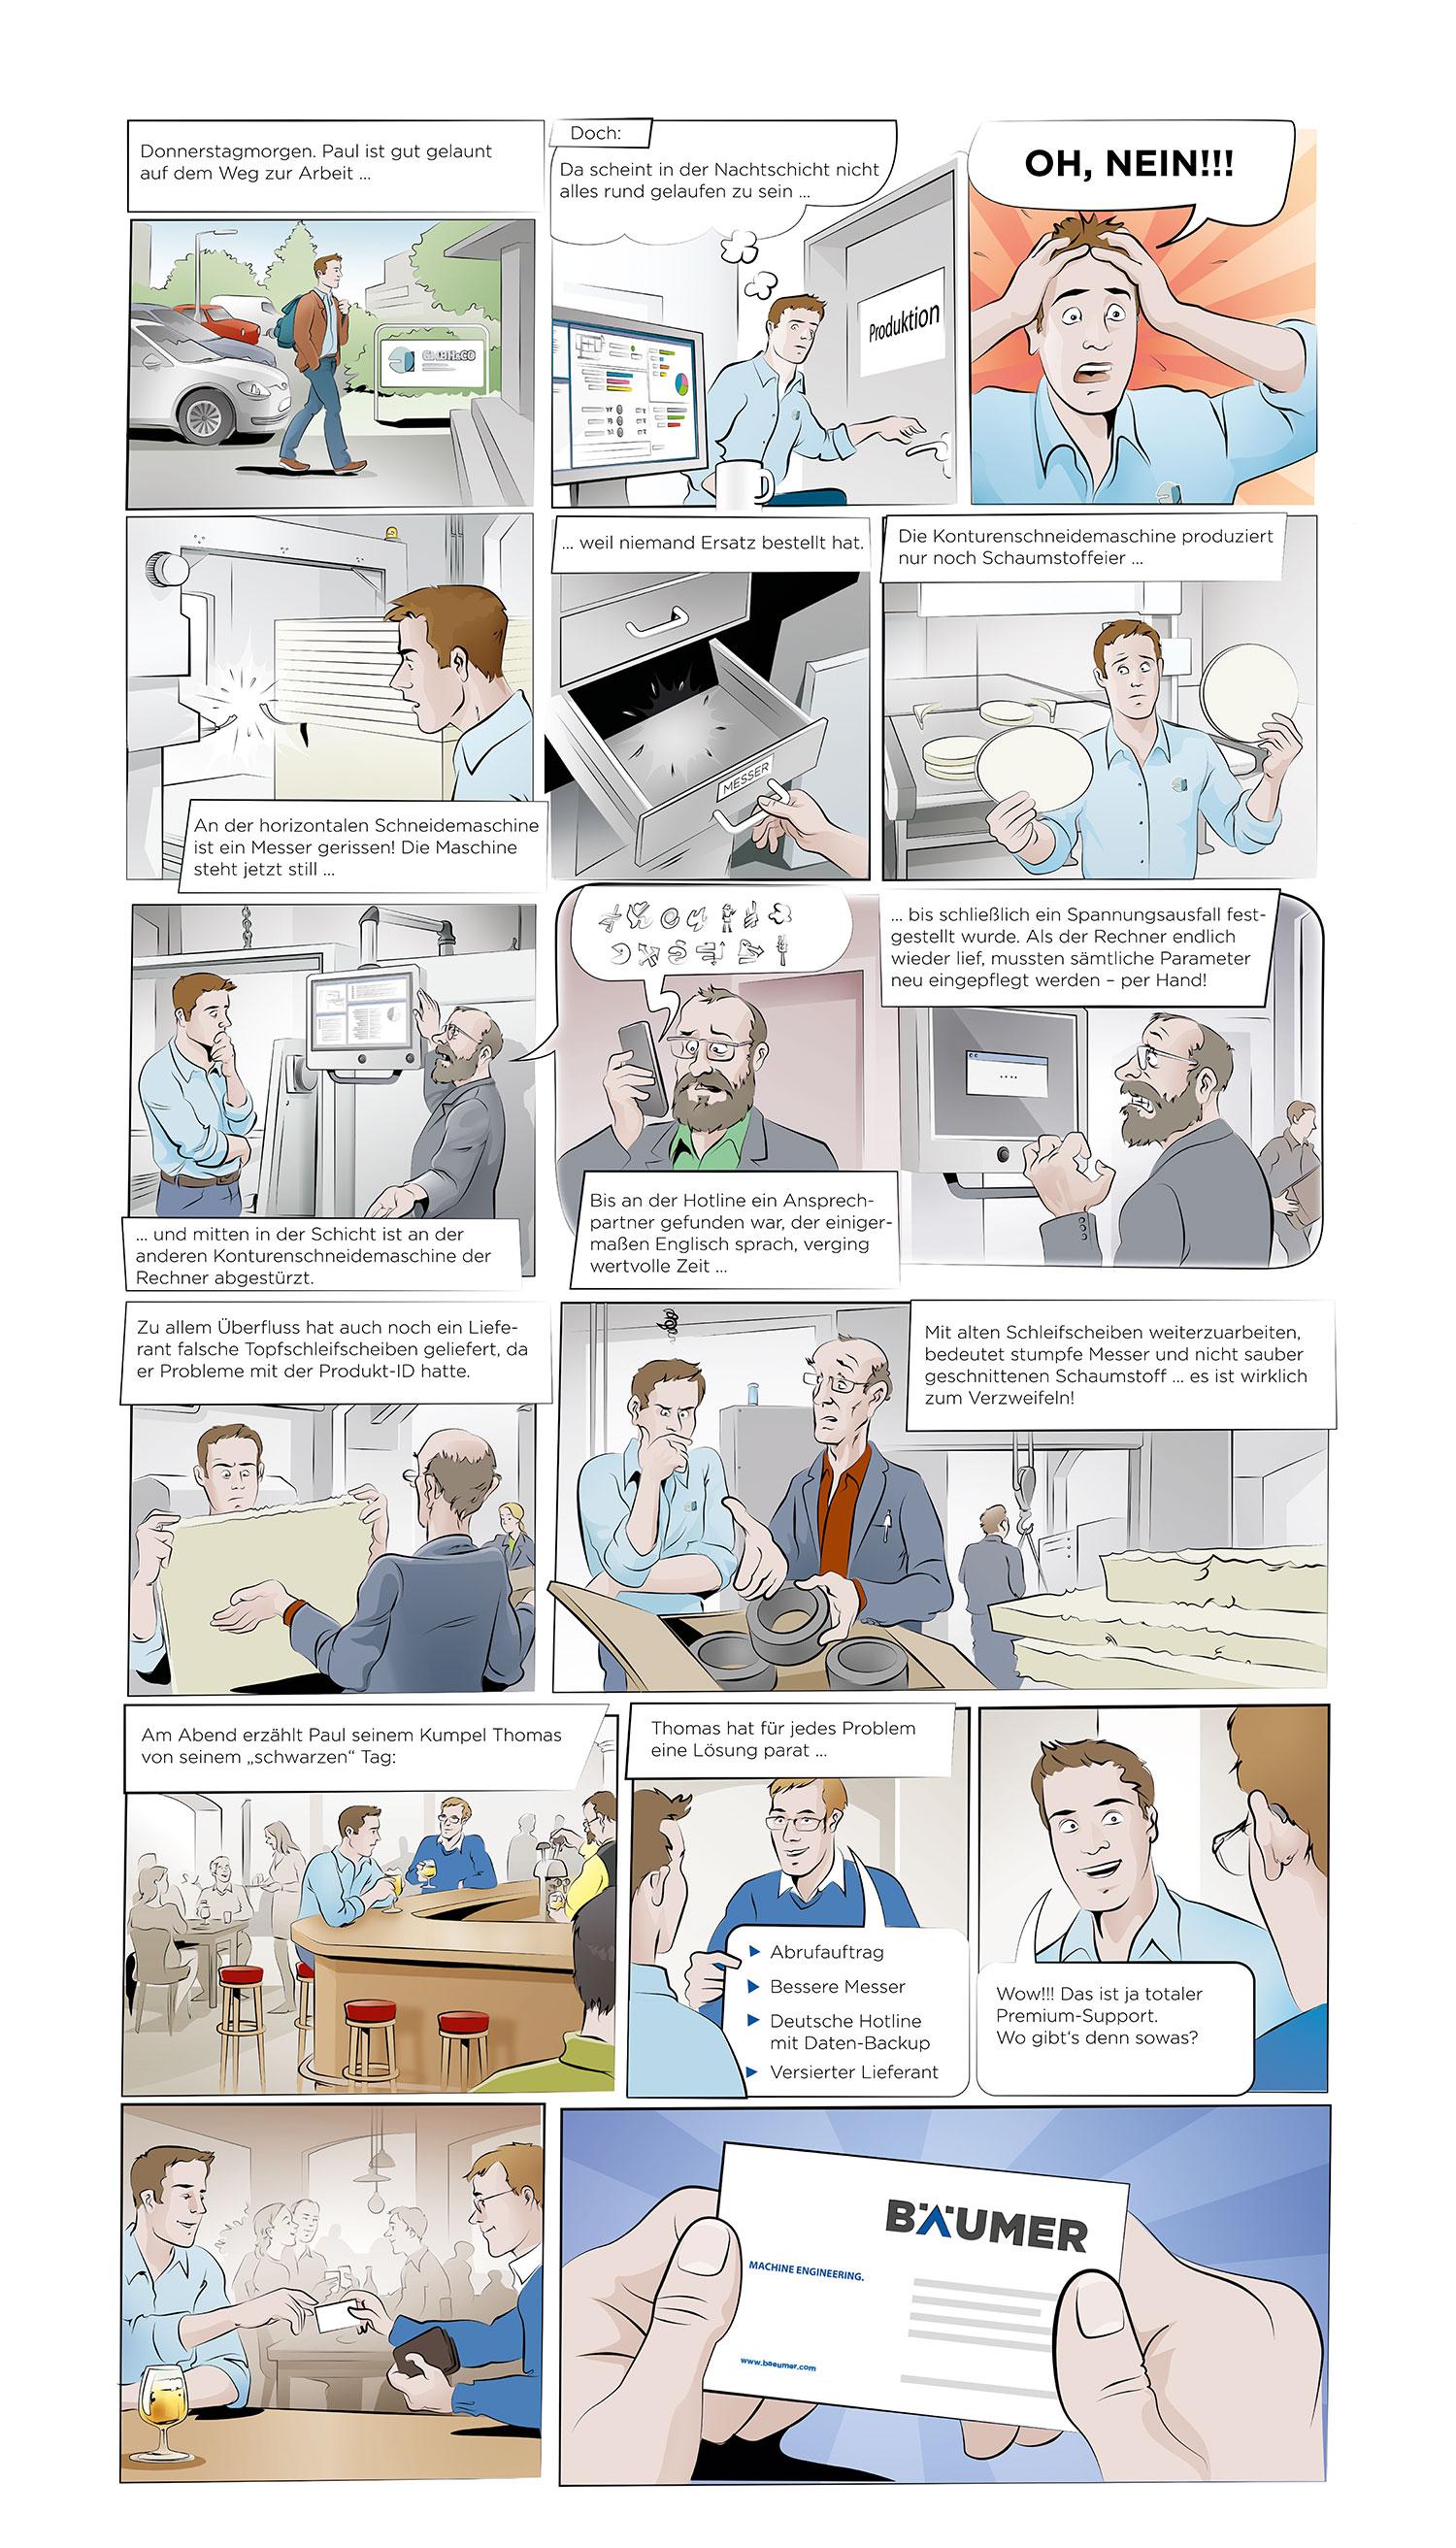 SC-Networks Anwenderbericht Bäumer - Comic